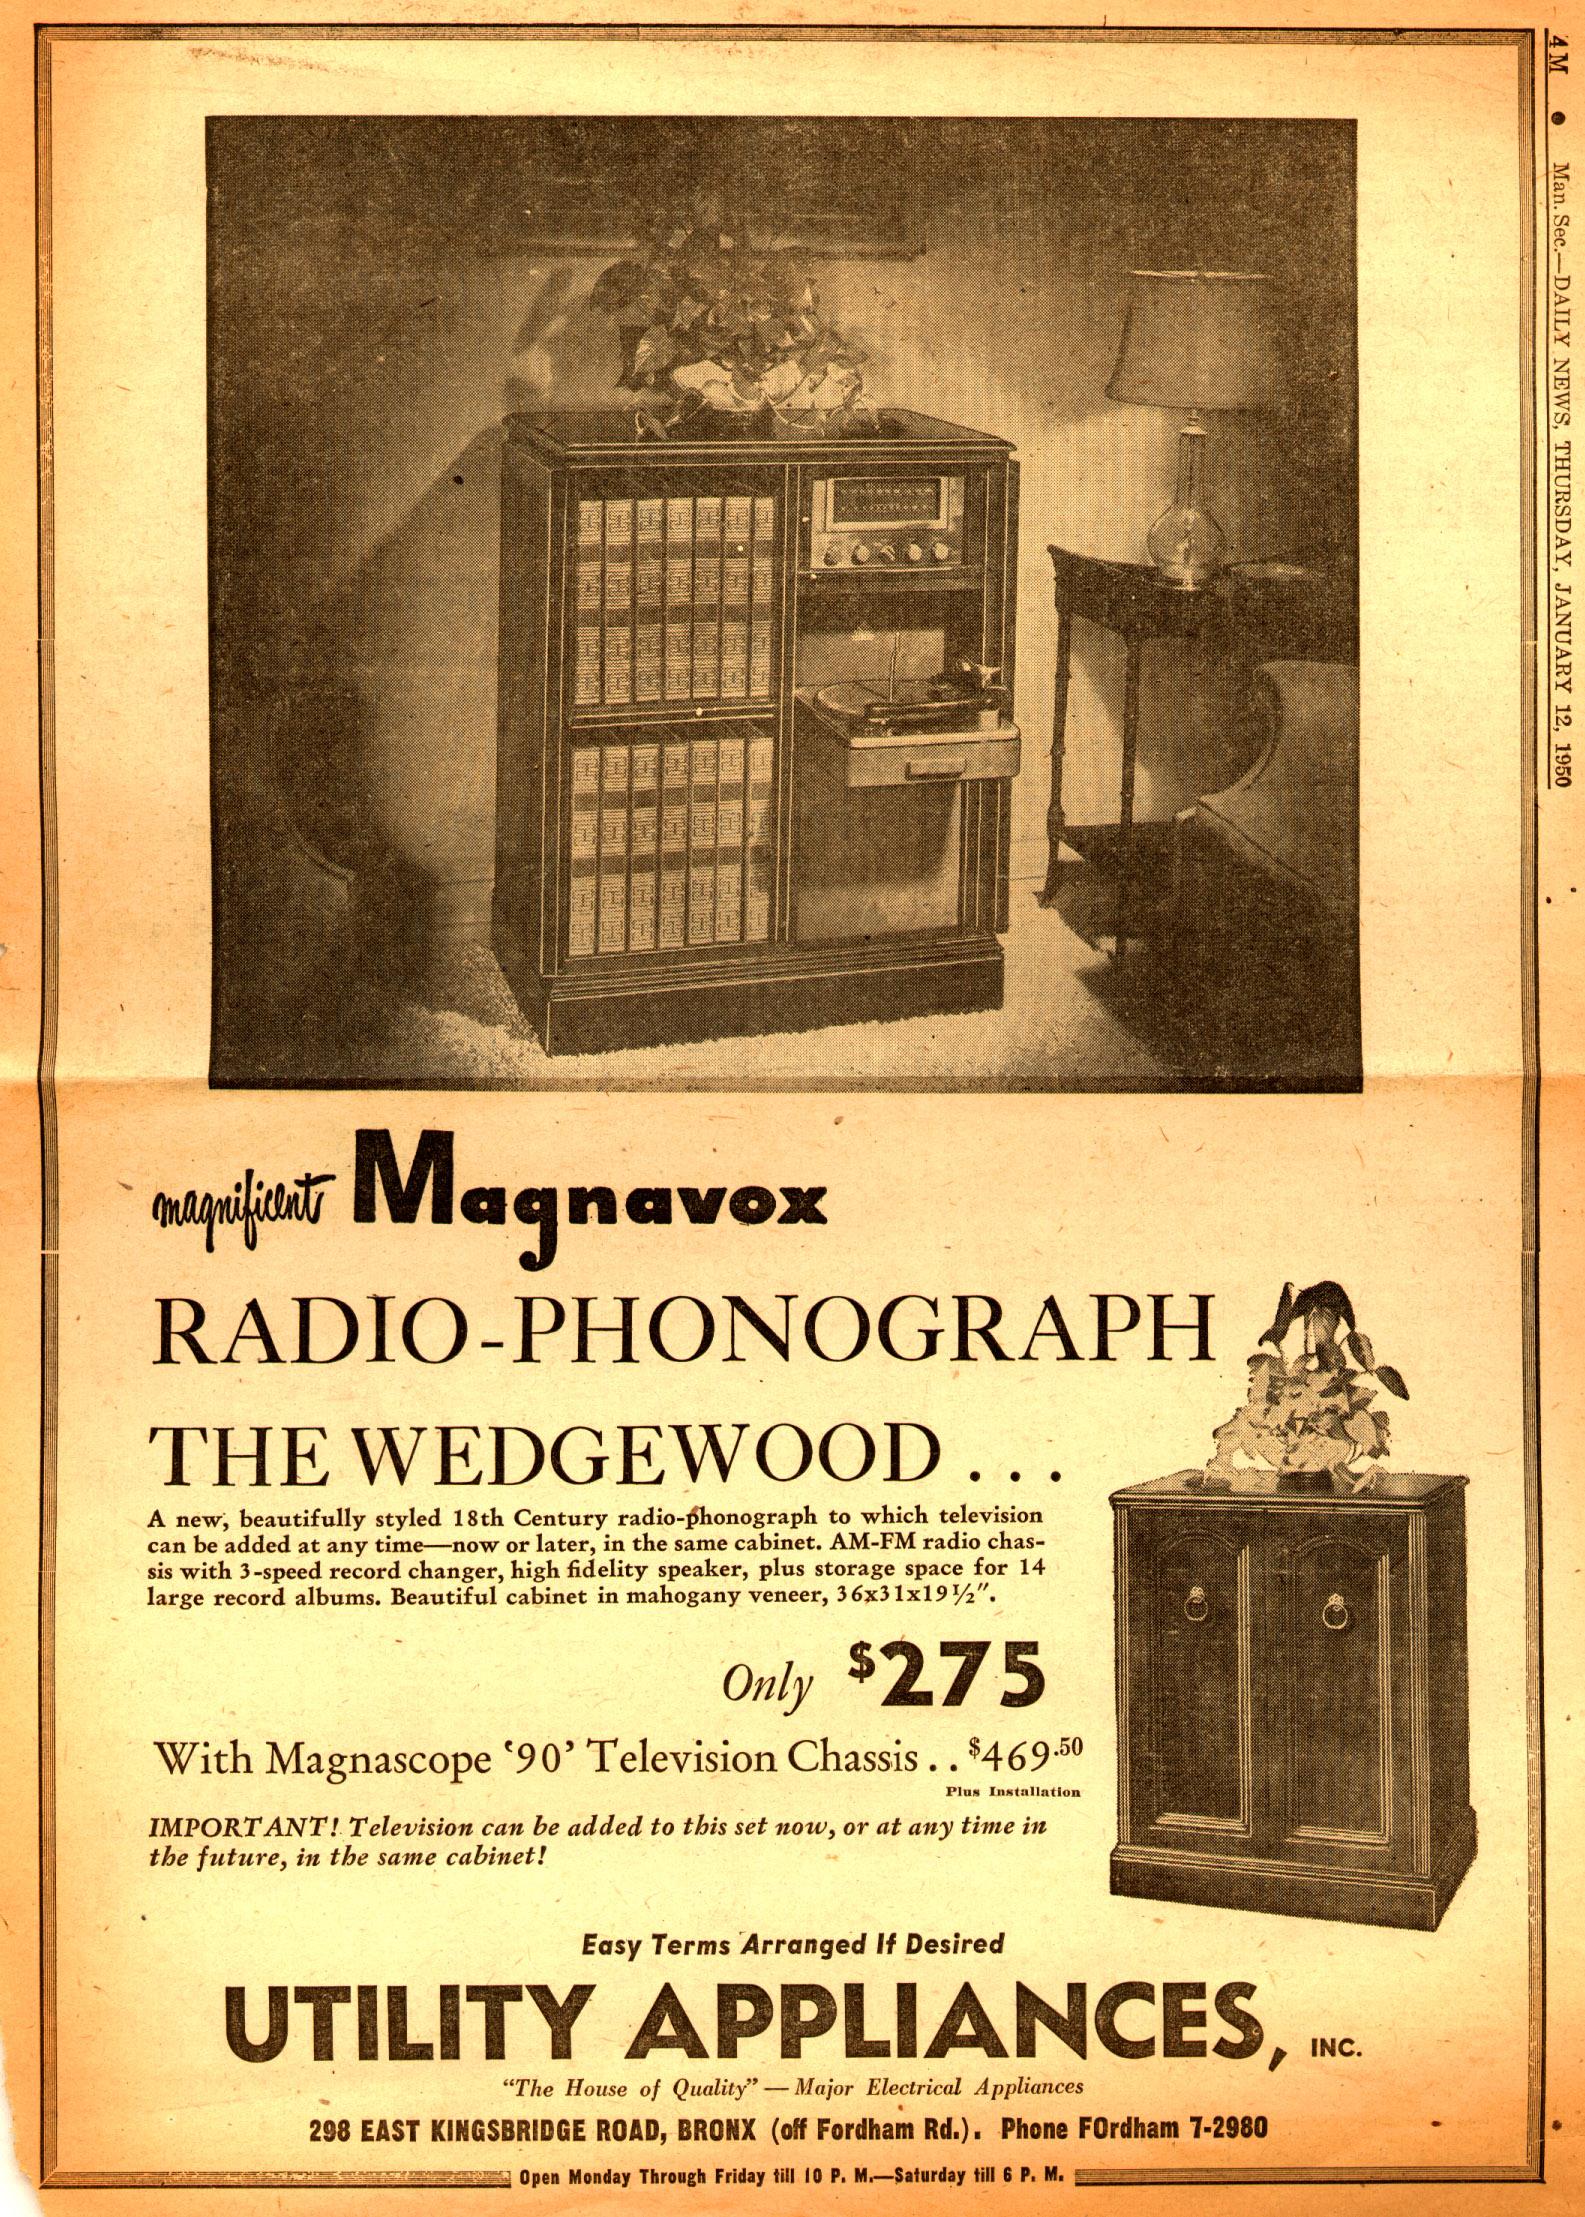 Magnificent_Magnavox_Radio-Phonograph